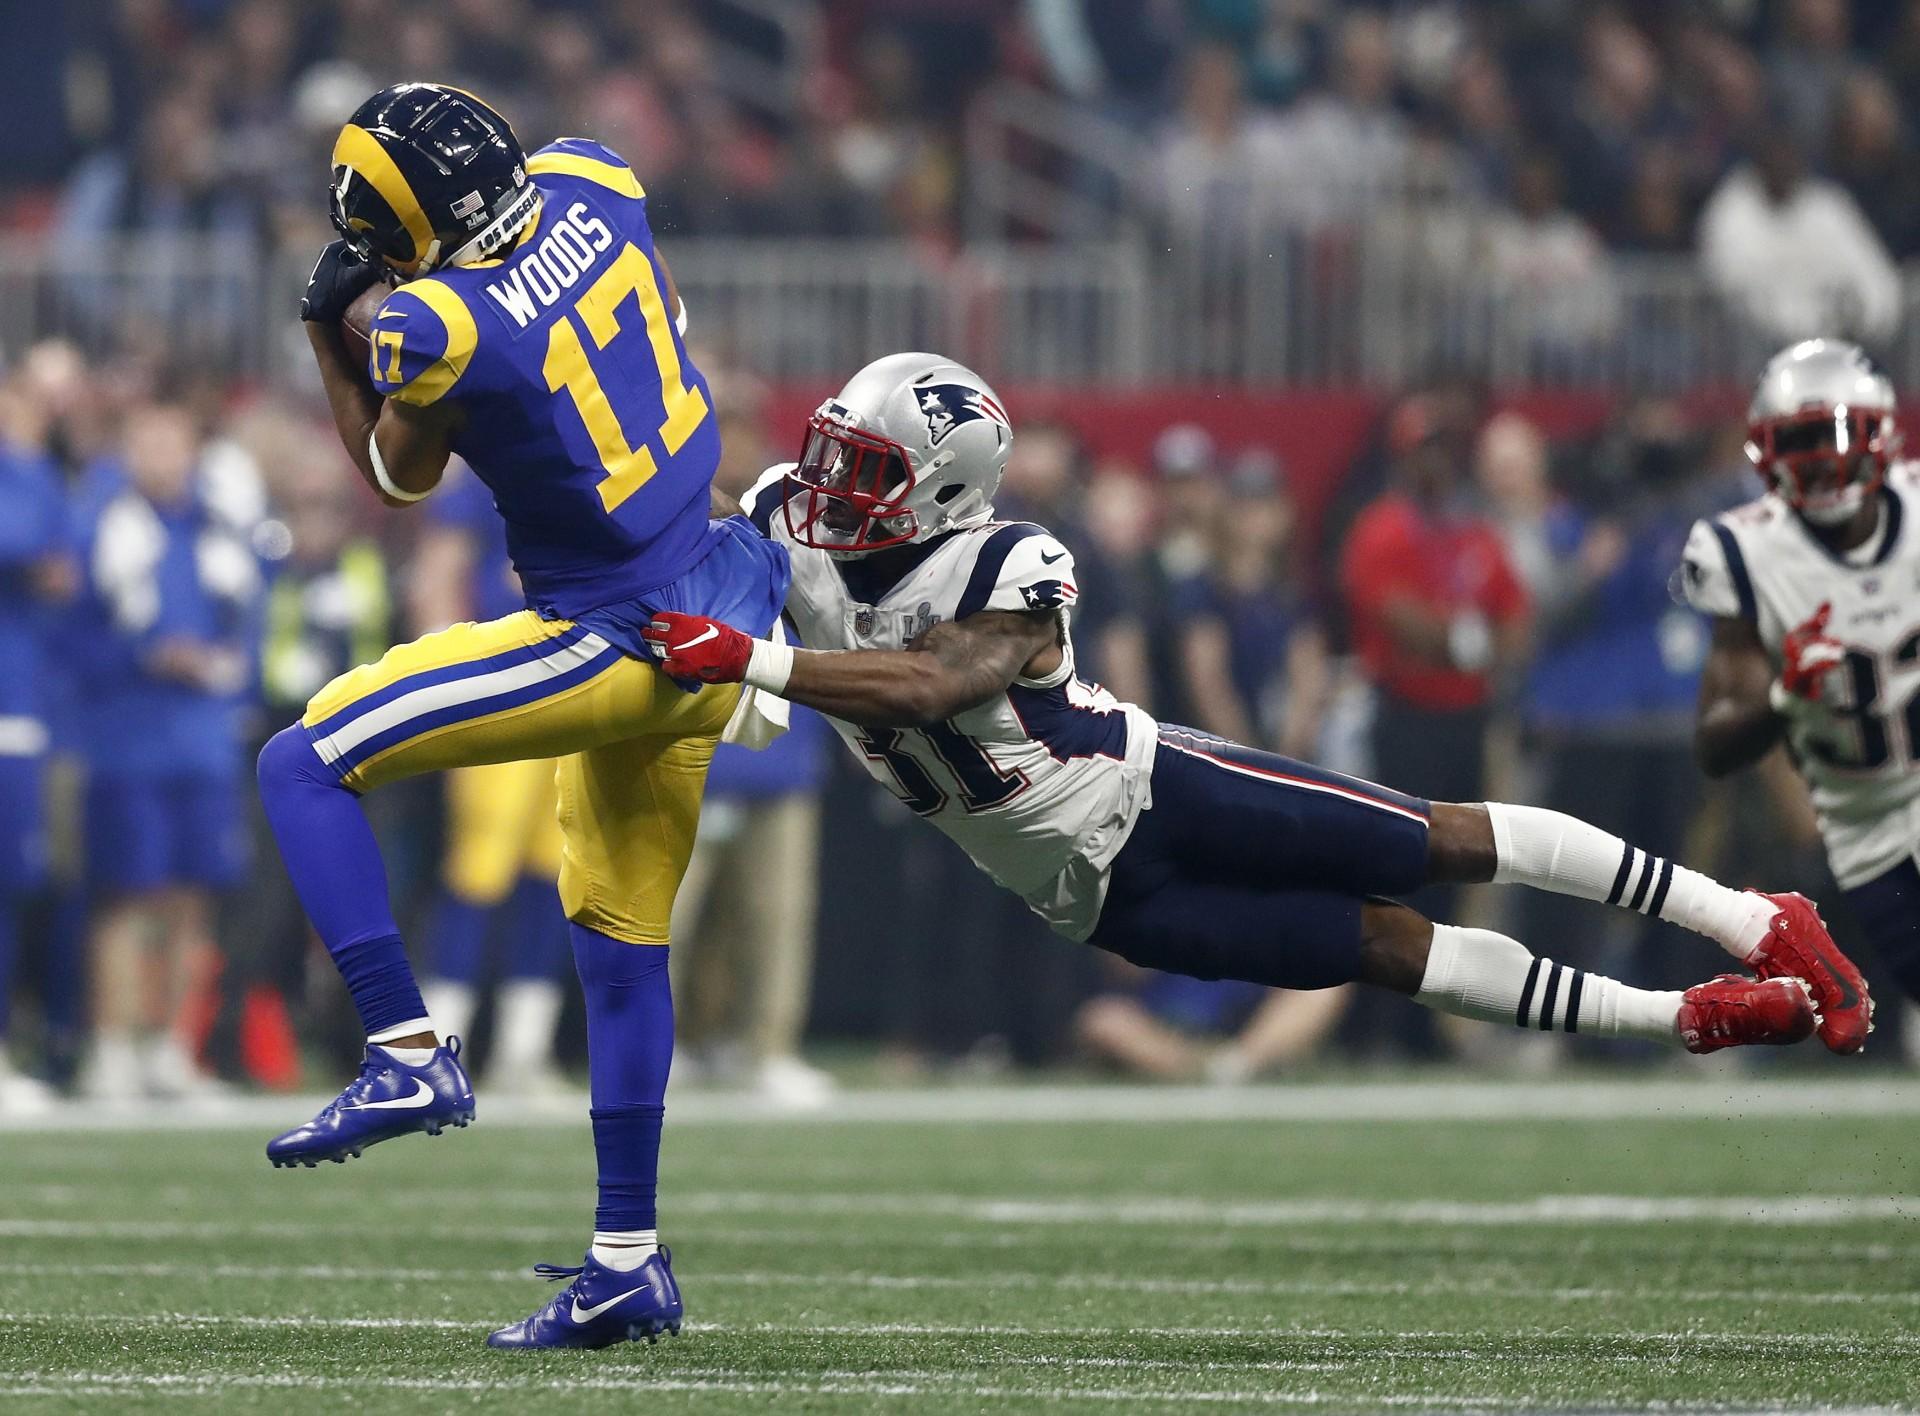 El receptor Robert Woods de Los Angeles Rams se lanza en una atrapada mientras el defensa de los New England Patriots, Jonathan Jones , defiende durante la segunda mitad del Super Bowl.